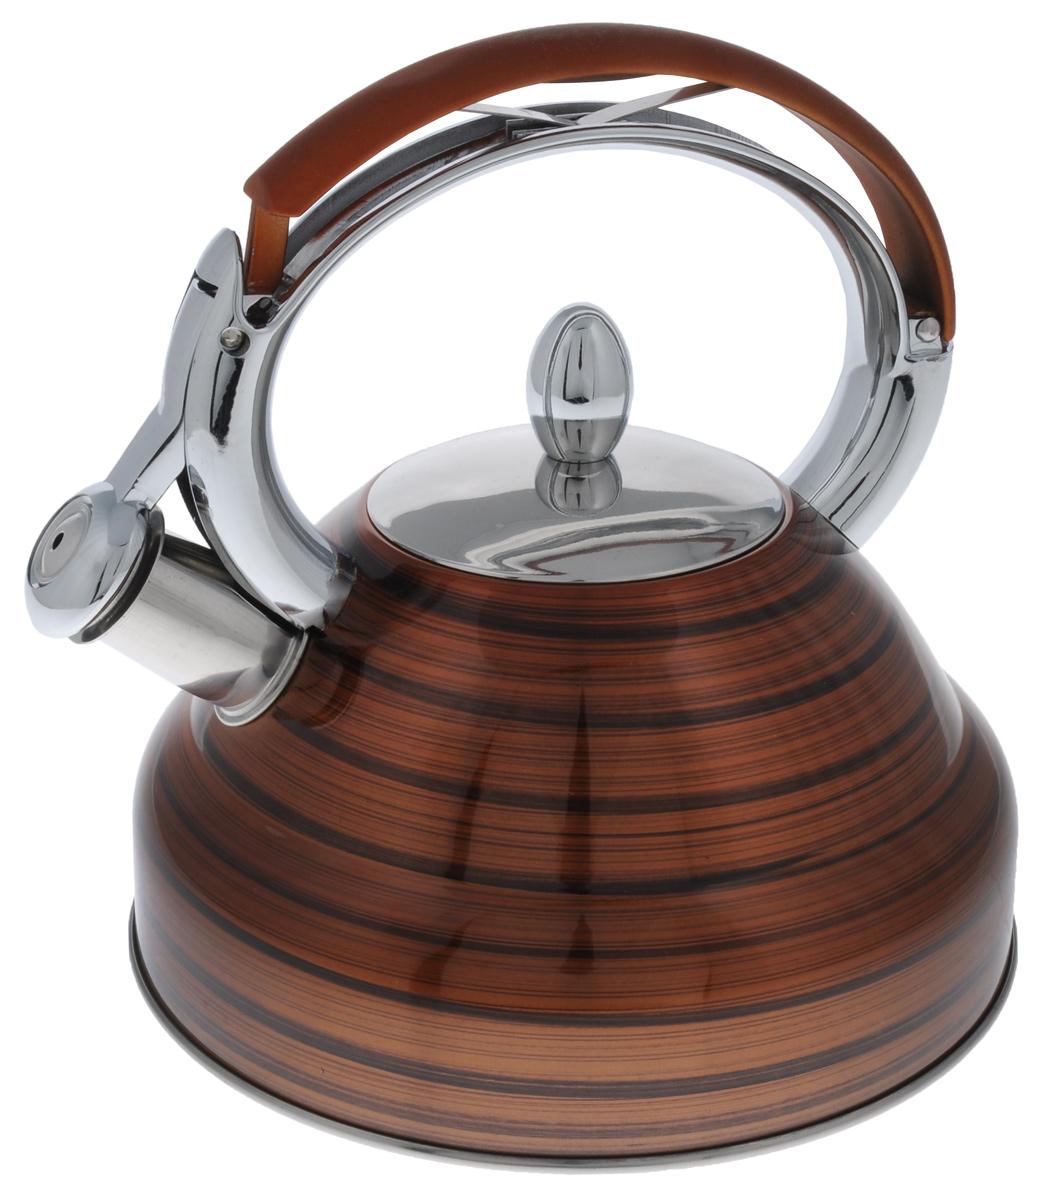 Чайник Mayer & Boch, со свистком, цвет: коричневый, 2,7 л. 2320523205_коричневыйЧайник Mayer & Boch выполнен из высококачественной нержавеющей стали, что делает его весьма гигиеничным и устойчивым к износу при длительном использовании. Носик чайника оснащен насадкой-свистком, что позволит вам контролировать процесс подогрева или кипячения воды. Фиксированная ручка, изготовленная из нейлона и цинка, дает дополнительное удобство при наливании напитка. Поверхность чайника гладкая, что облегчает уход за ним. Эстетичный и функциональный, с эксклюзивным дизайном, чайник будет оригинально смотреться в любом интерьере. Подходит для всех типов плит, включая индукционные. Можно мыть в посудомоечной машине. Высота чайника (без учета ручки и крышки): 11,5 см. Высота чайника (с учетом ручки и крышки): 24 см. Диаметр чайника (по верхнему краю): 10 см.